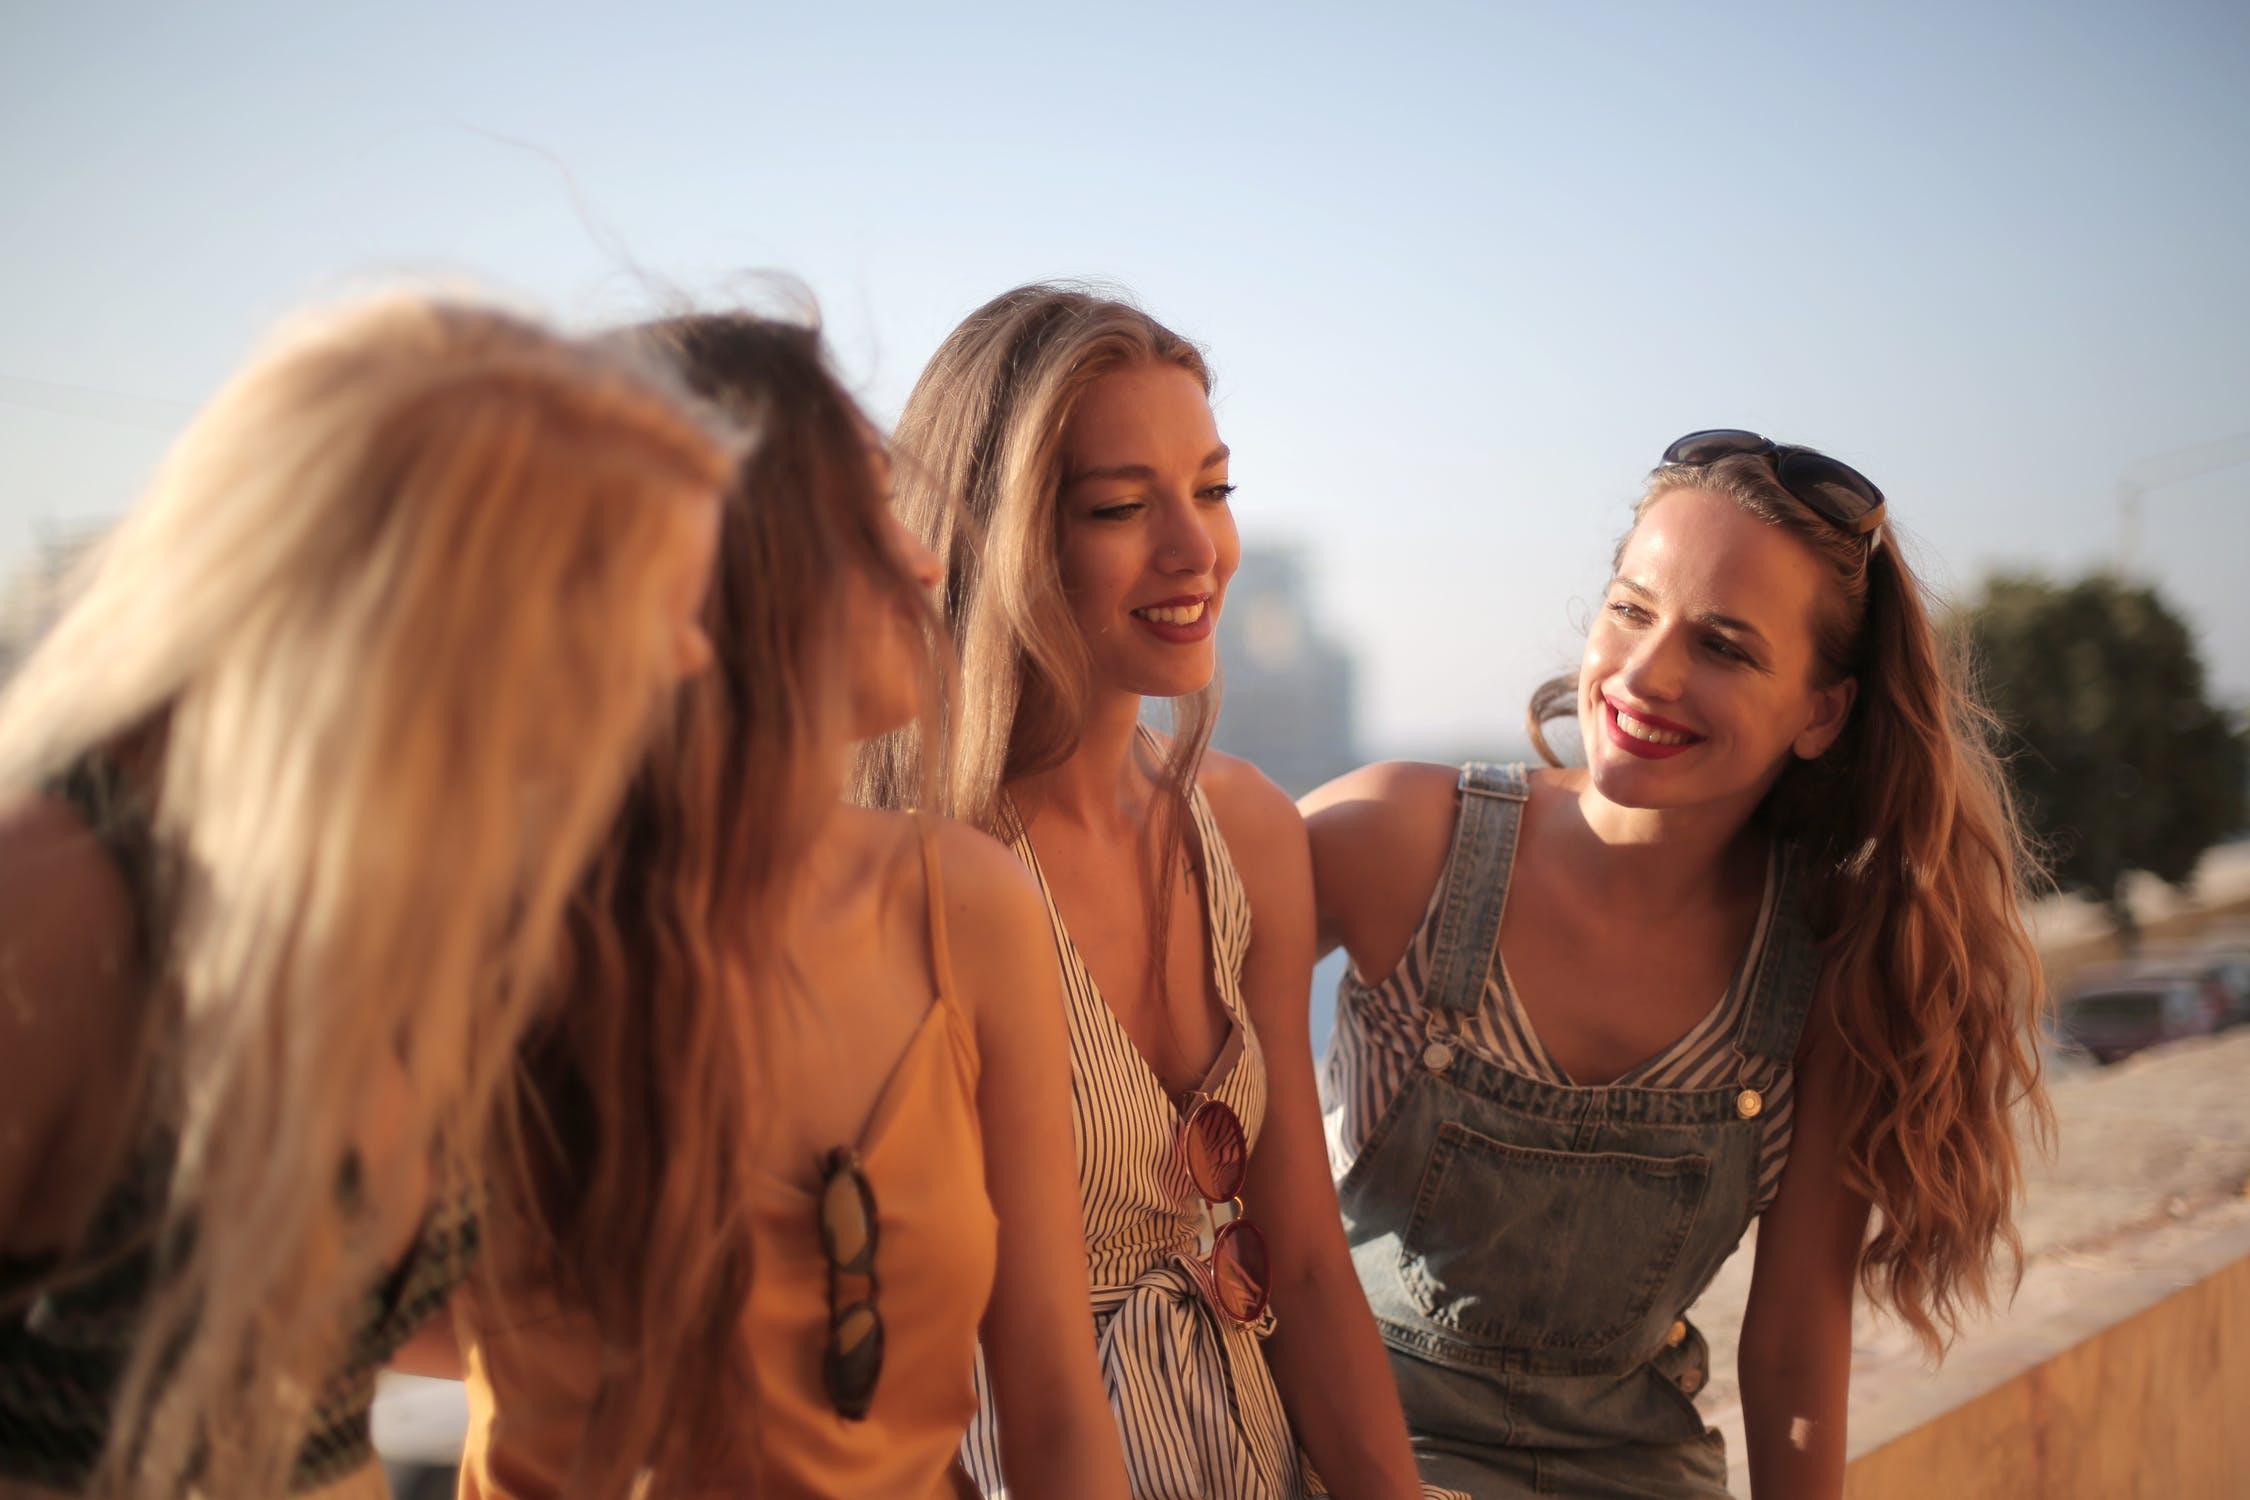 hội bạn thân vui vẻ bên nhau và ủng hộ tình yêu của bạn